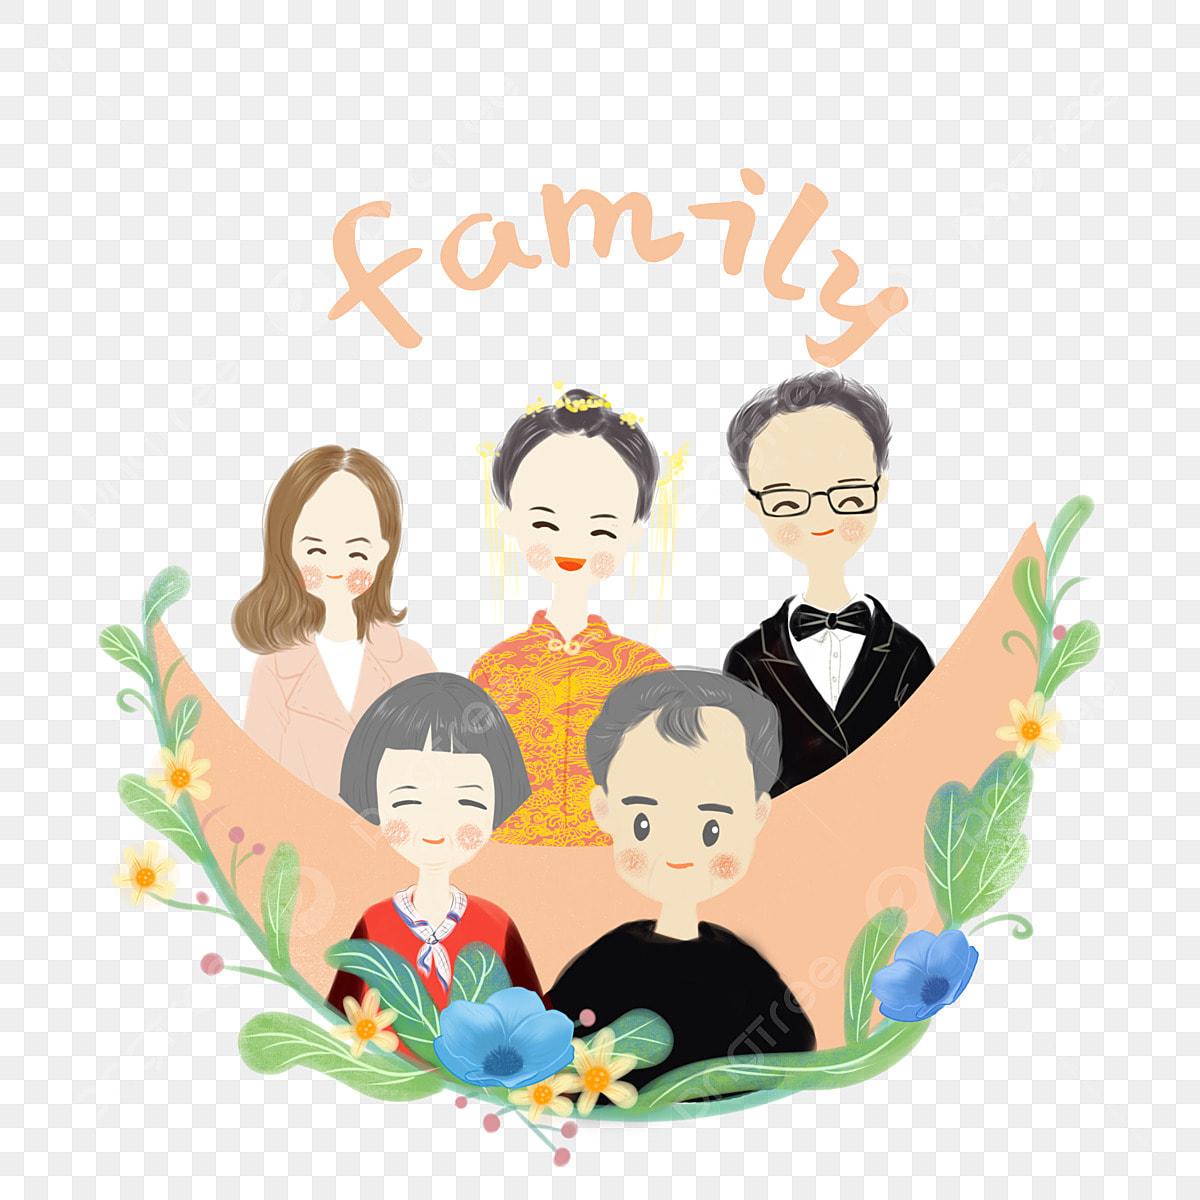 Gambar Lukisan Tangan Potret Keluarga Keluarga Reuni Gambar Kebahagiaan Kartun Png Dan Psd Untuk Muat Turun Percuma